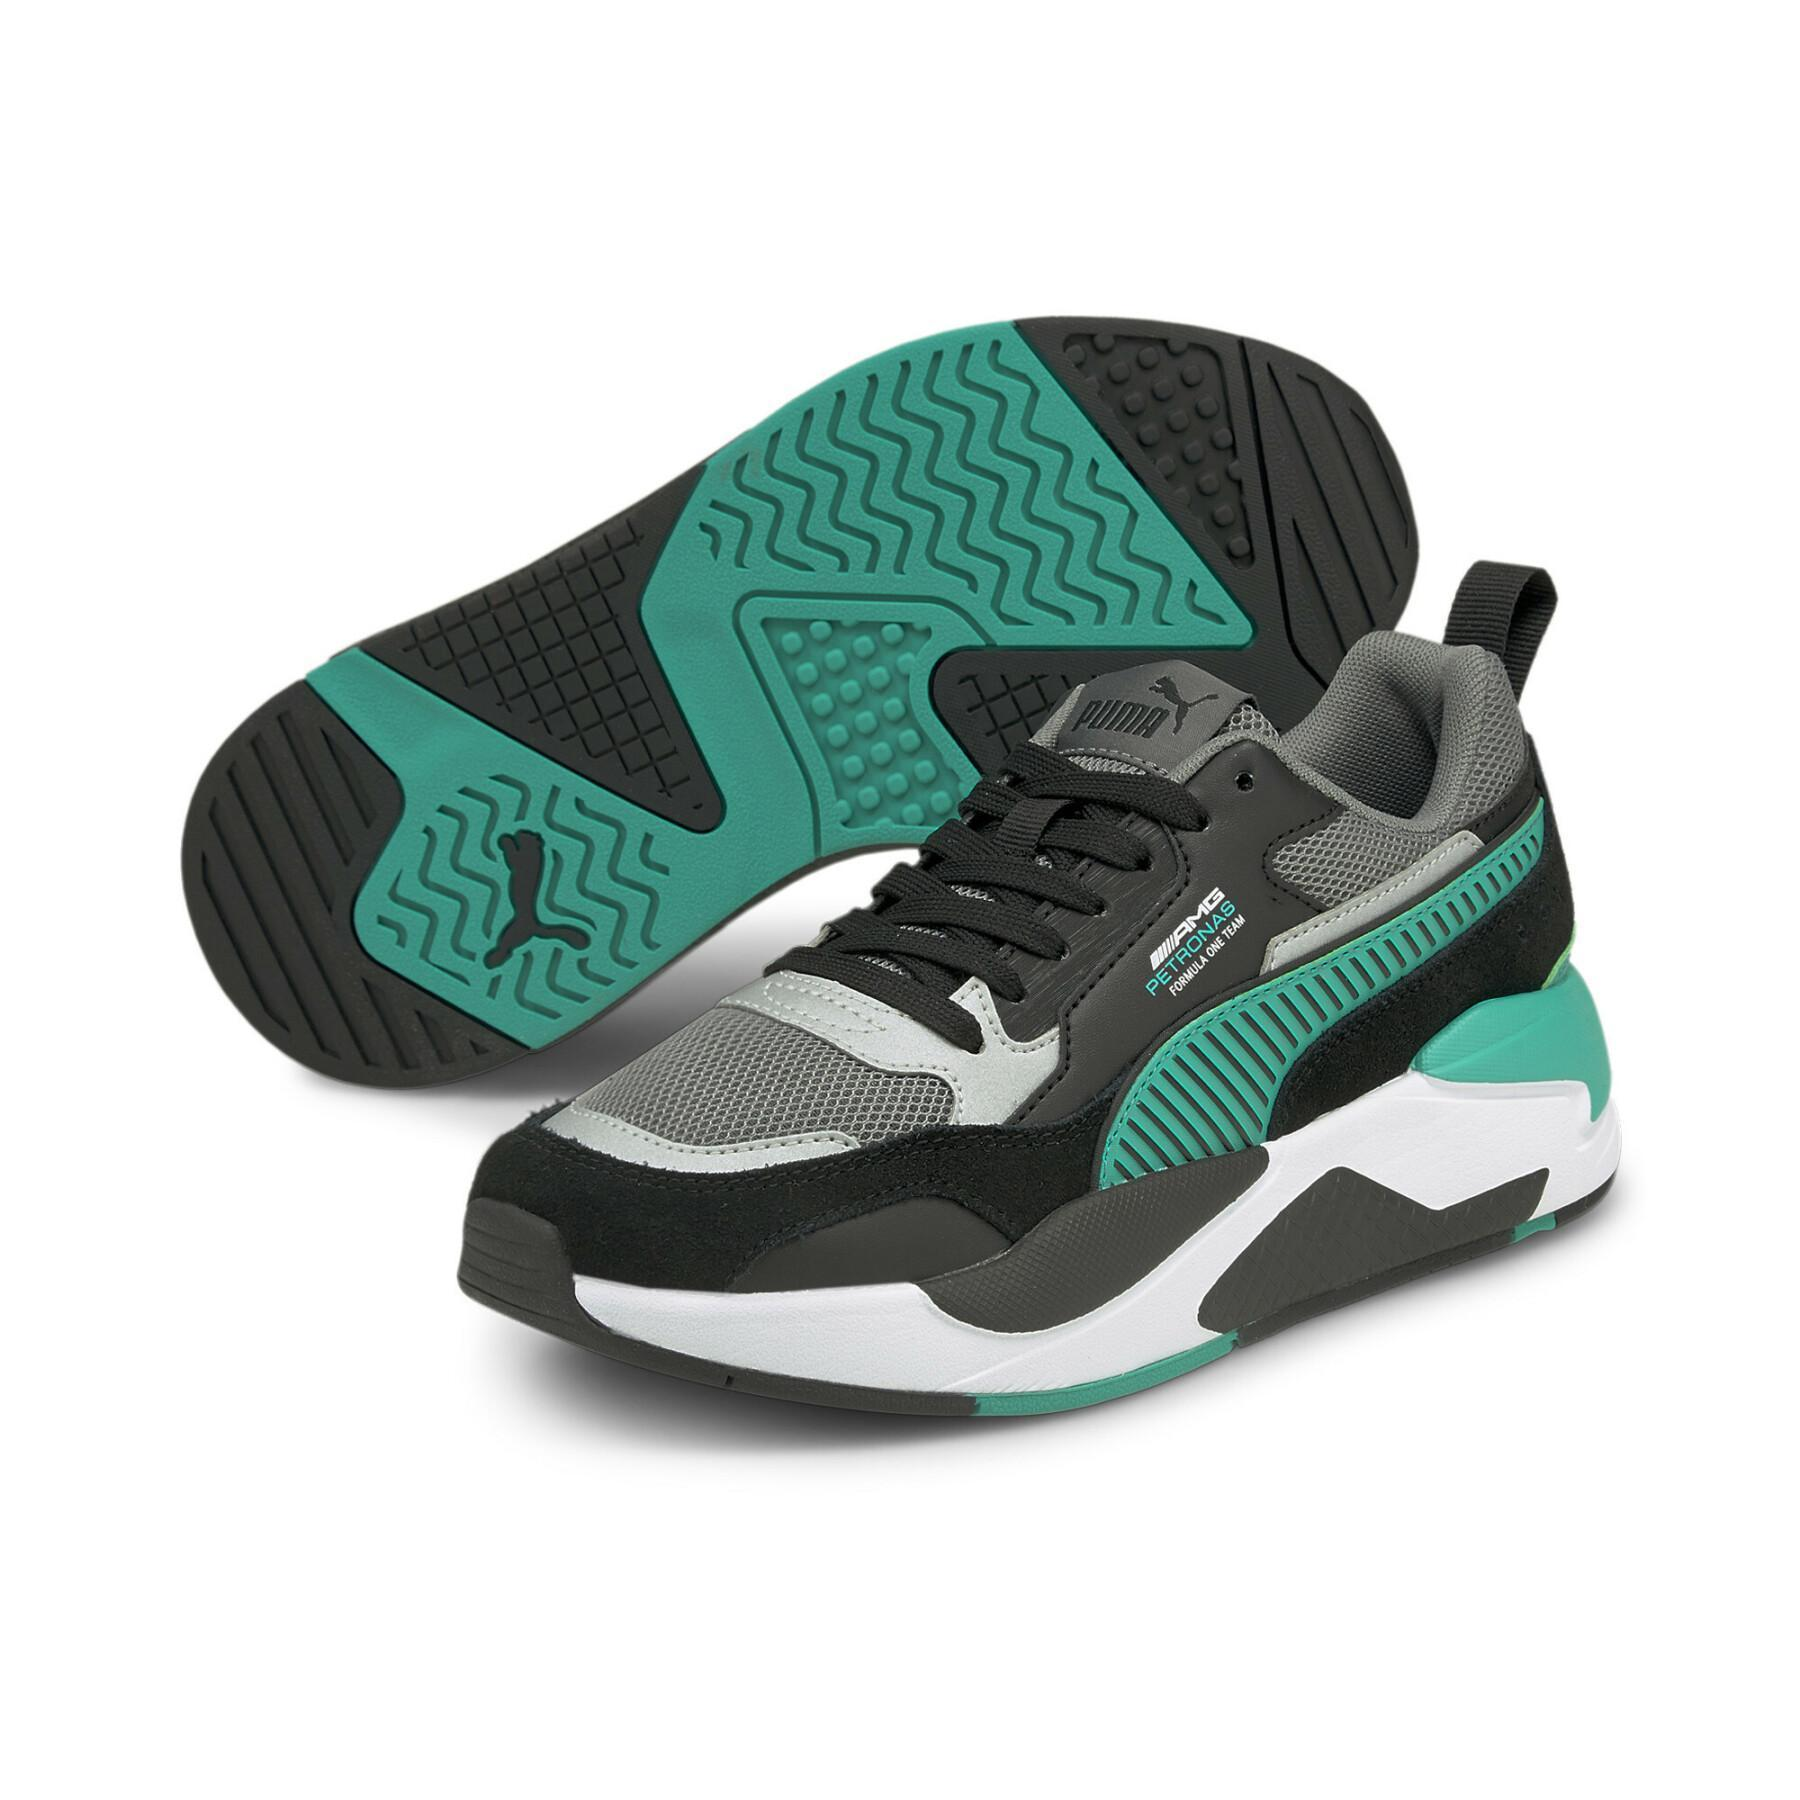 Zapatillas de deporte para niños Puma MAPF1 X-Ray 2